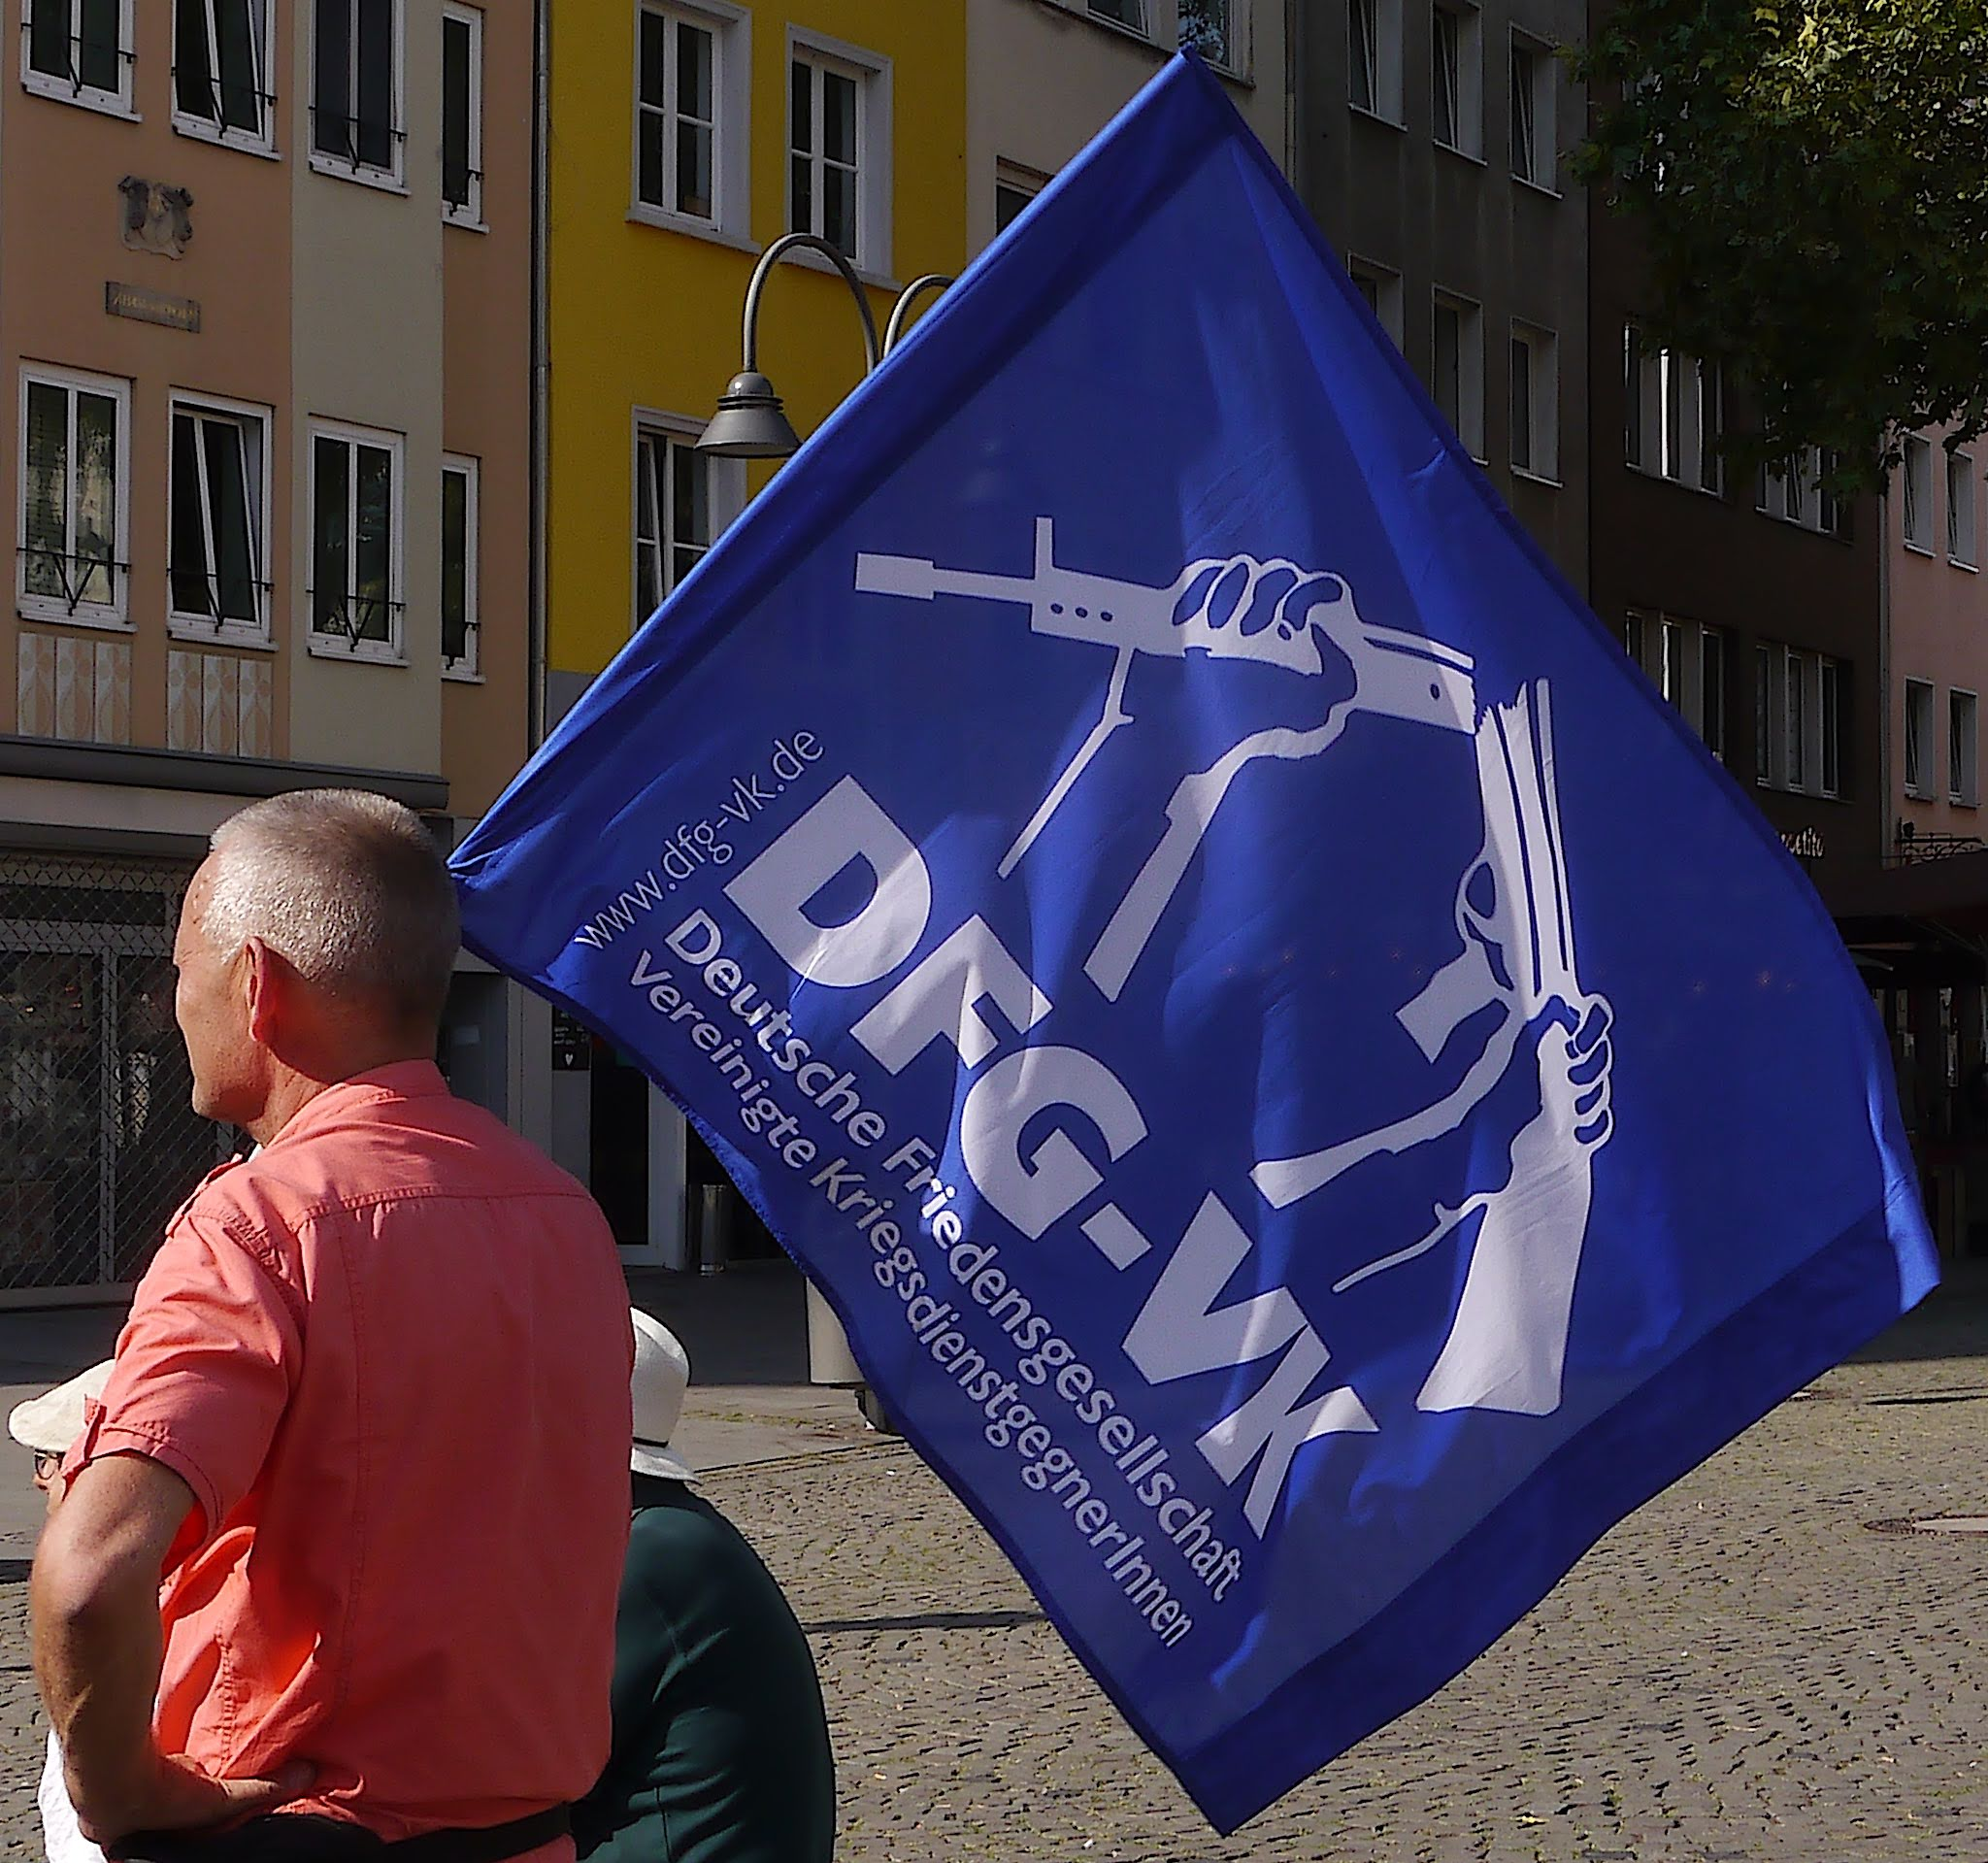 """Ein Mann in rötlichem Hemd mit grauweißen Haaren trägt eine blaue Flagge, auf der """"DFG-VK"""" und zwei Hände, die ein Gewehr zerbrechen zu sehen sind."""